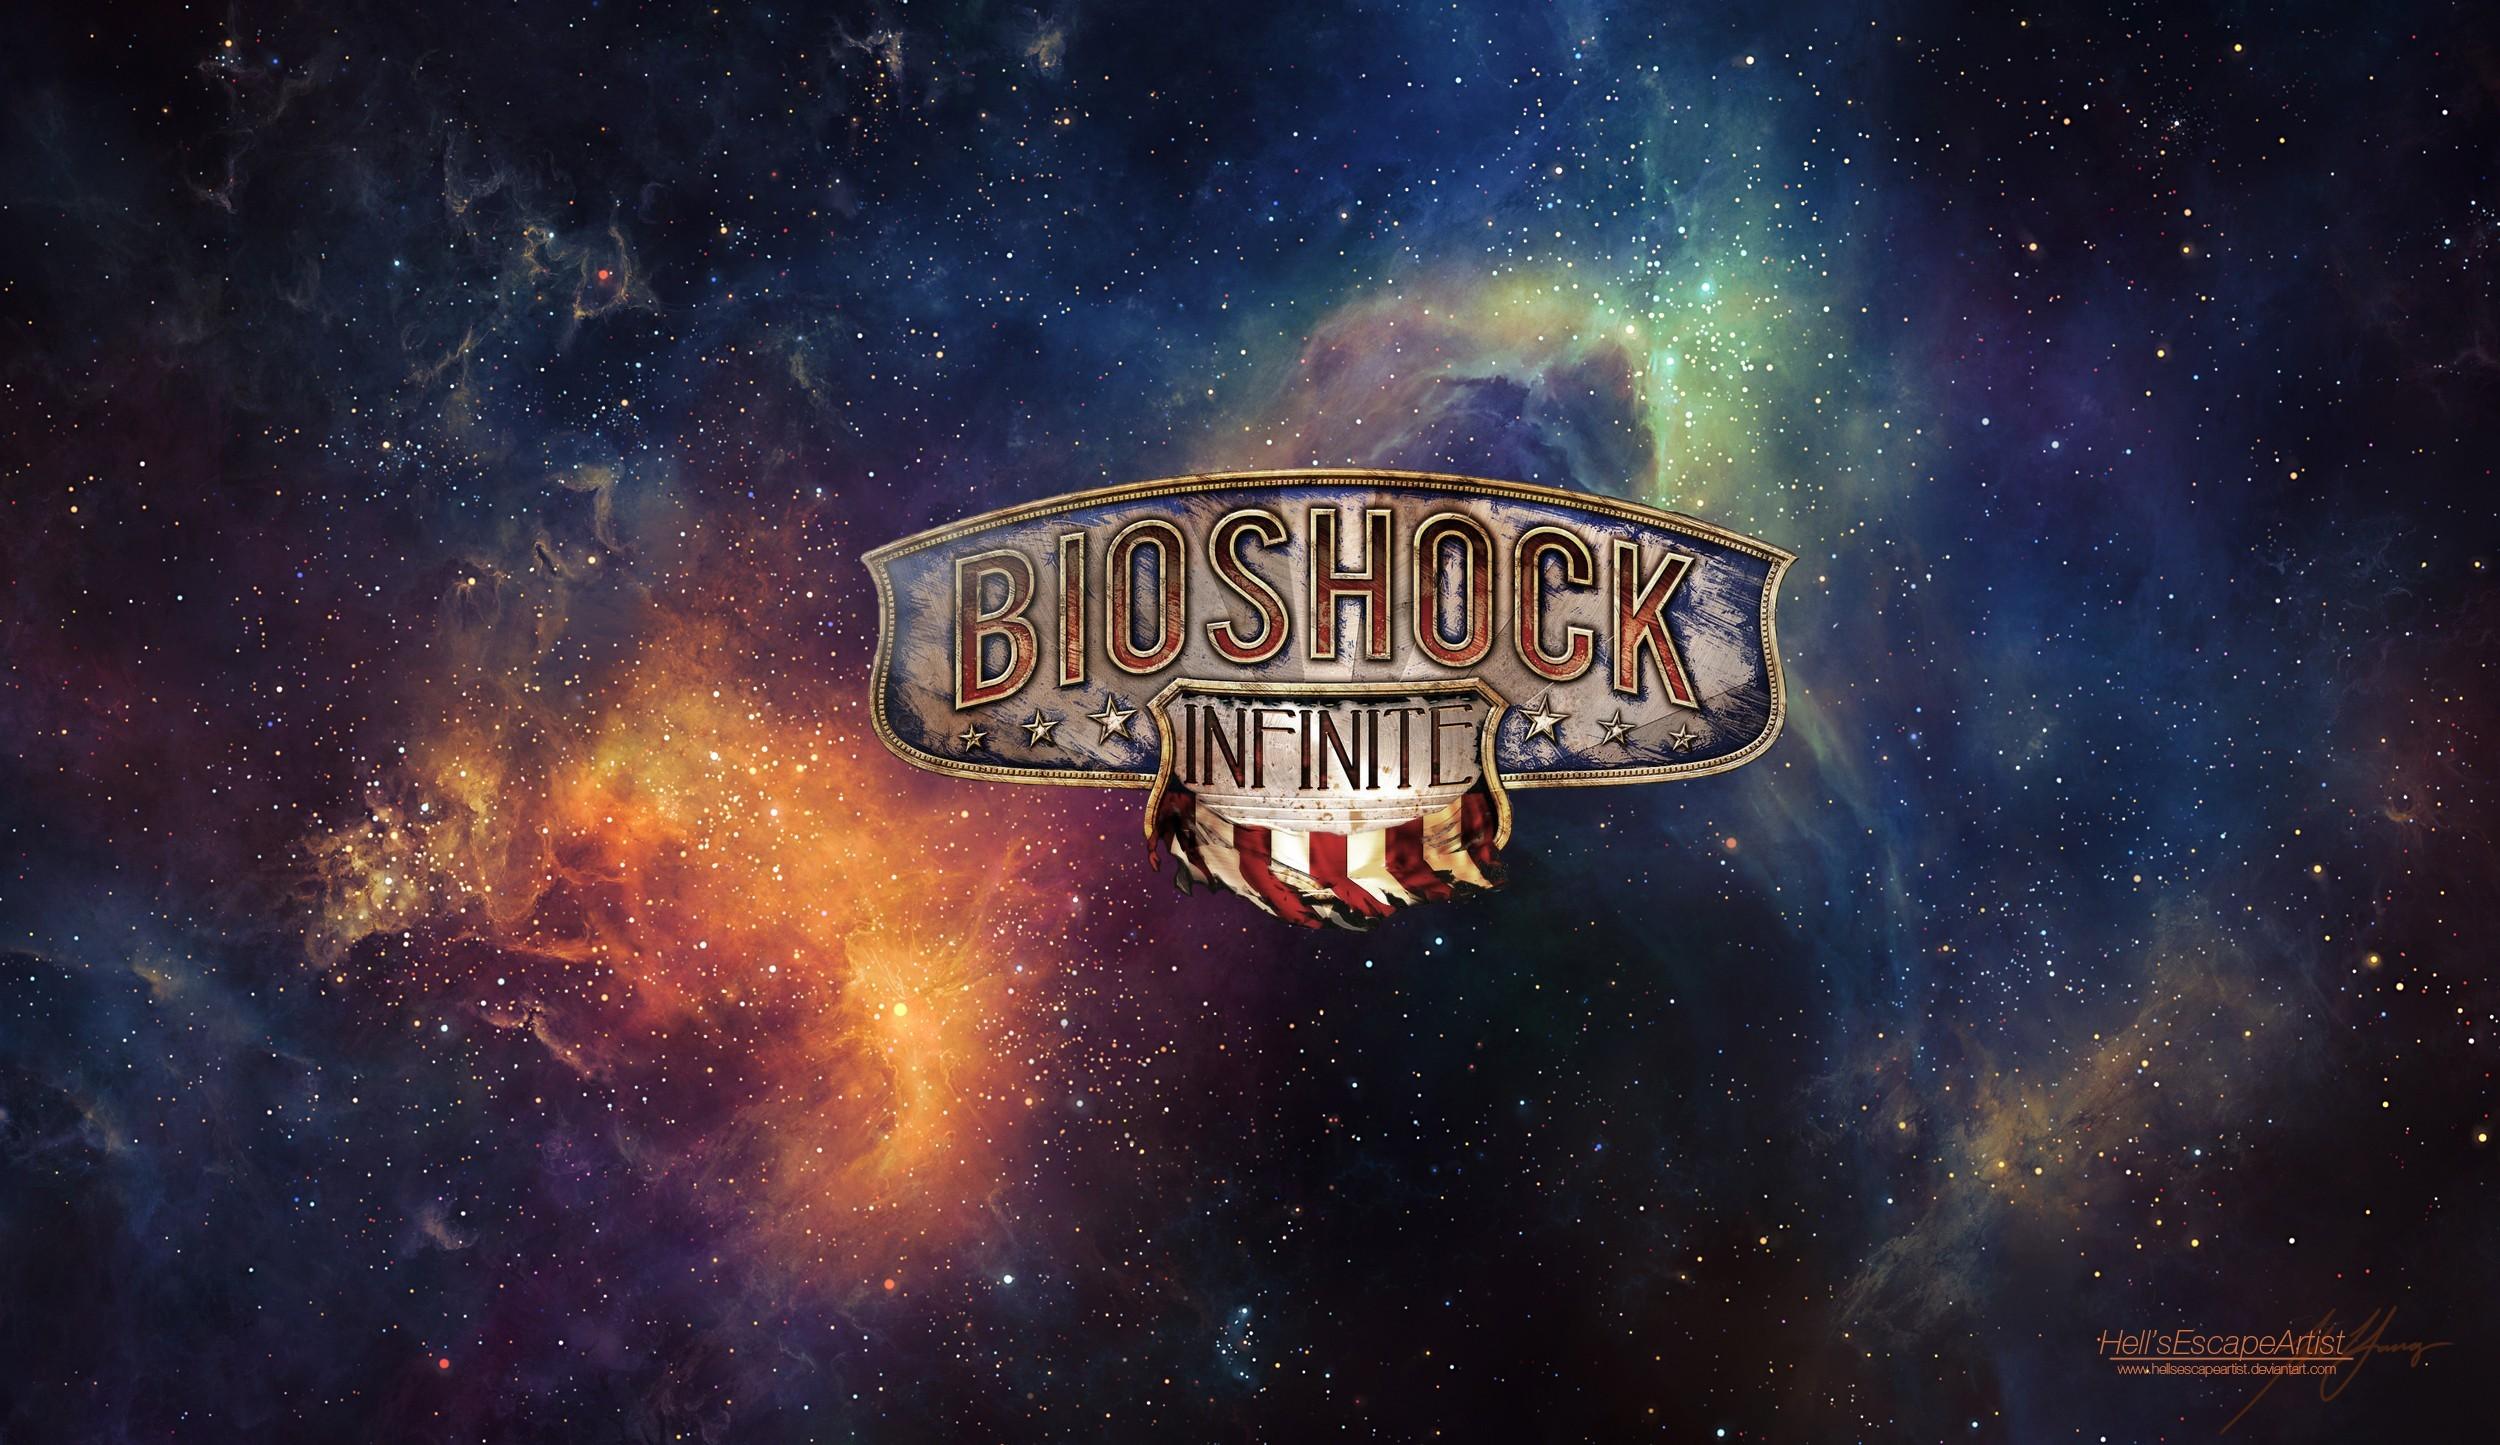 Bioshock Infinite Computer Wallpapers, Desktop Backgrounds